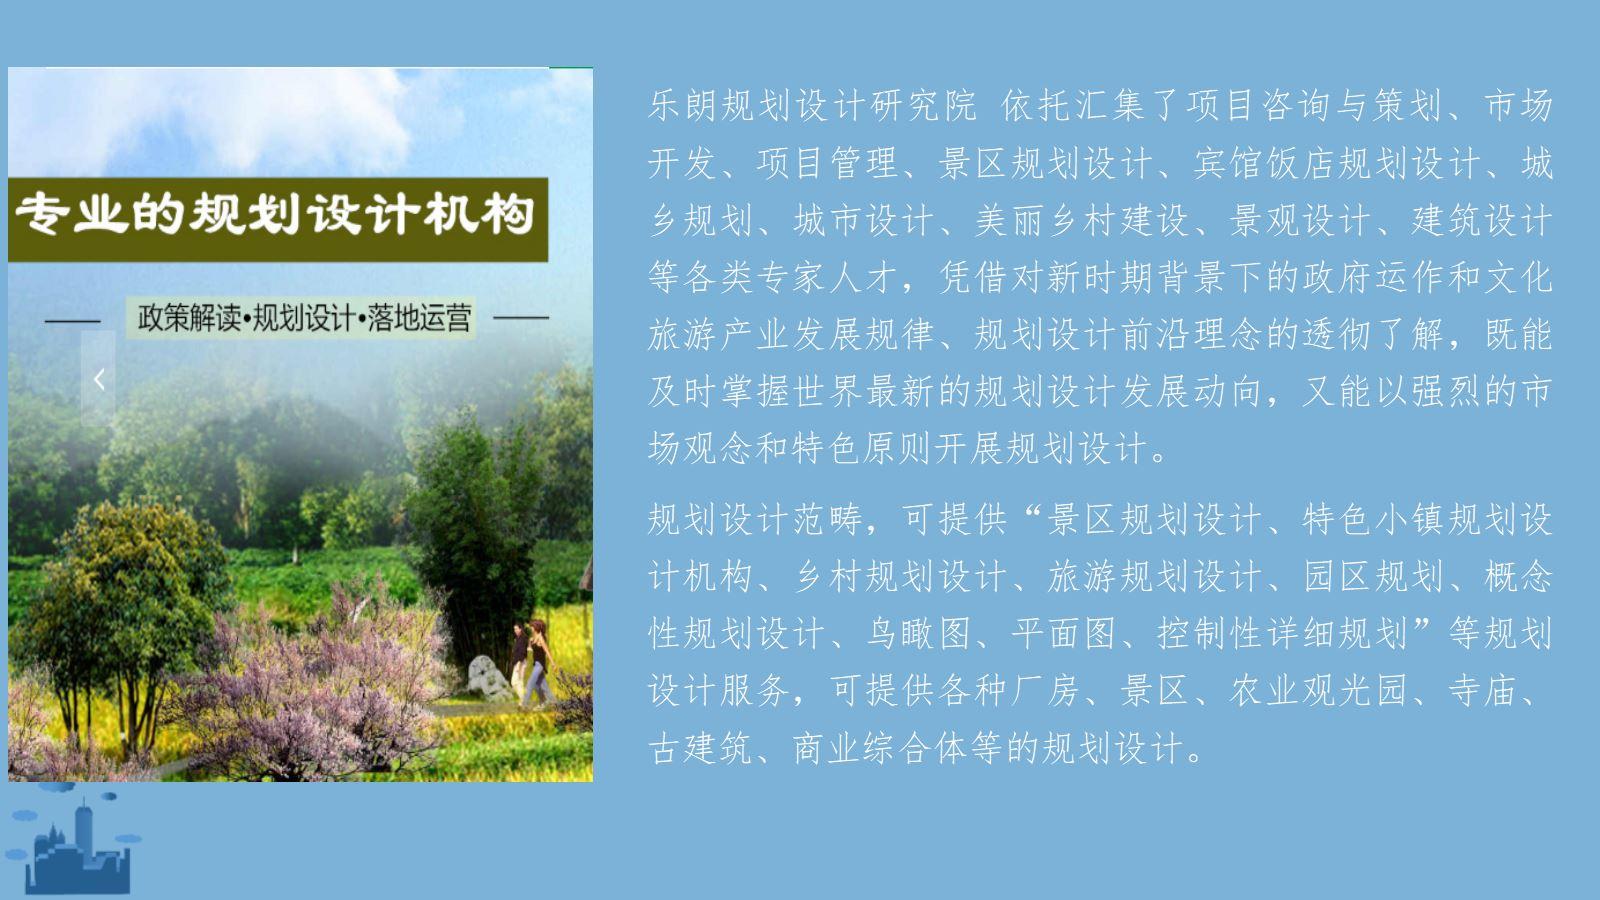 广东省内旅游:江西旅游景点你去过几个攻略在这里